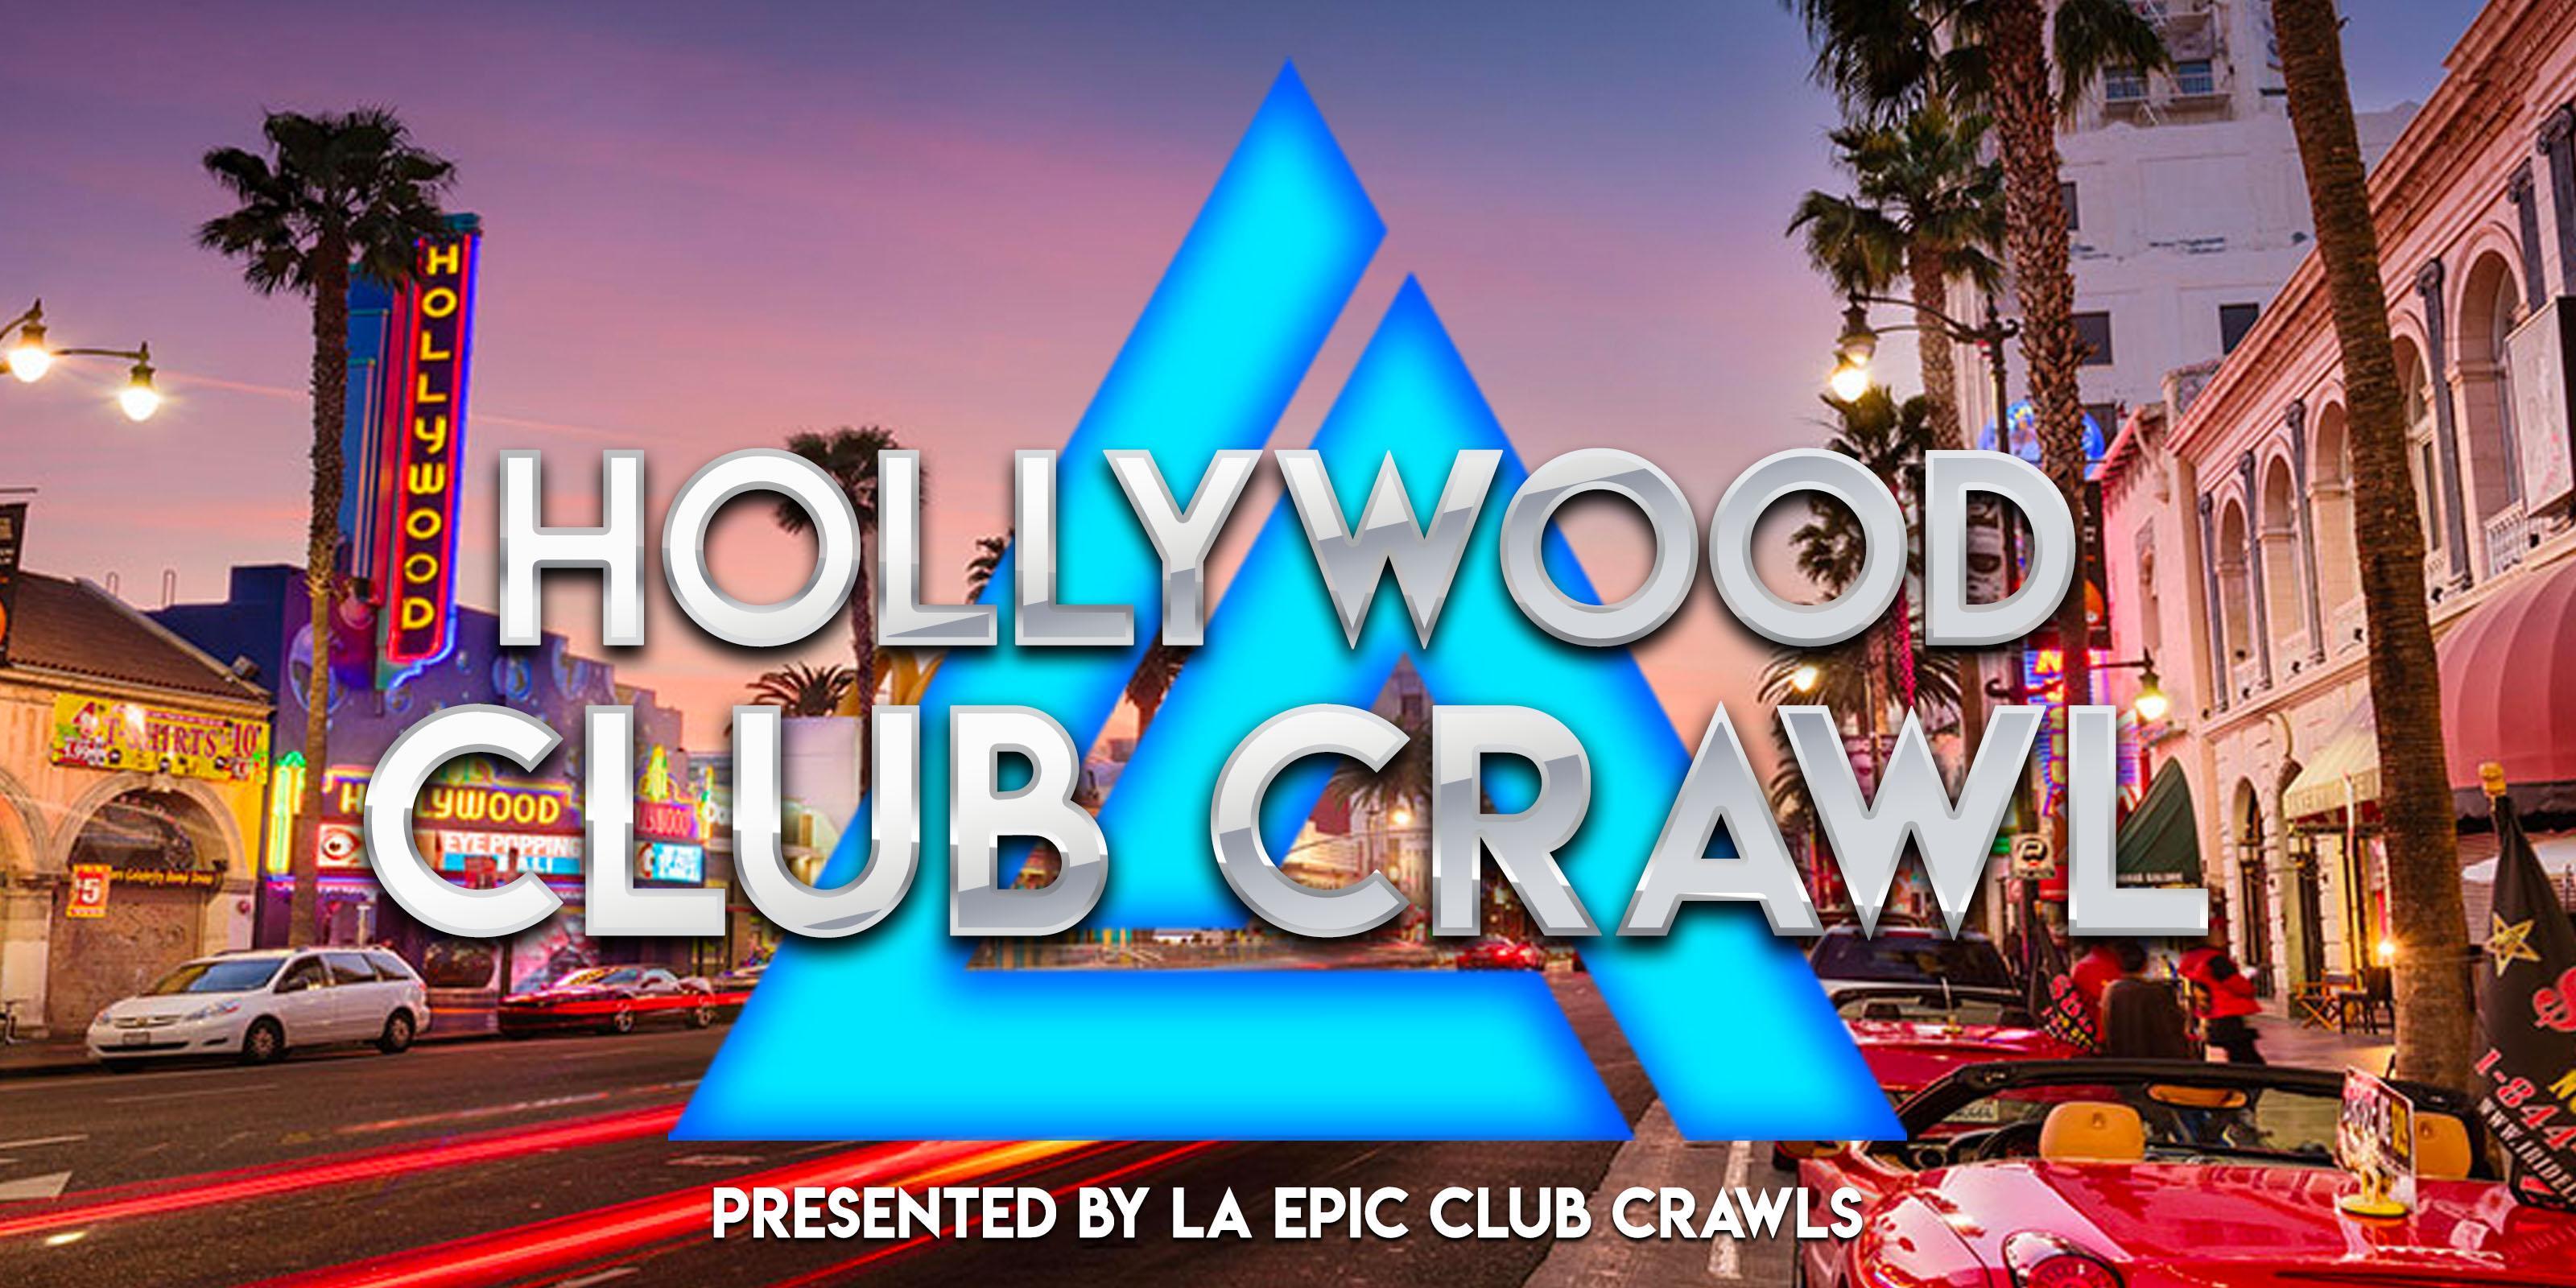 Hollywood Club Crawl - LA Epic Club Crawls